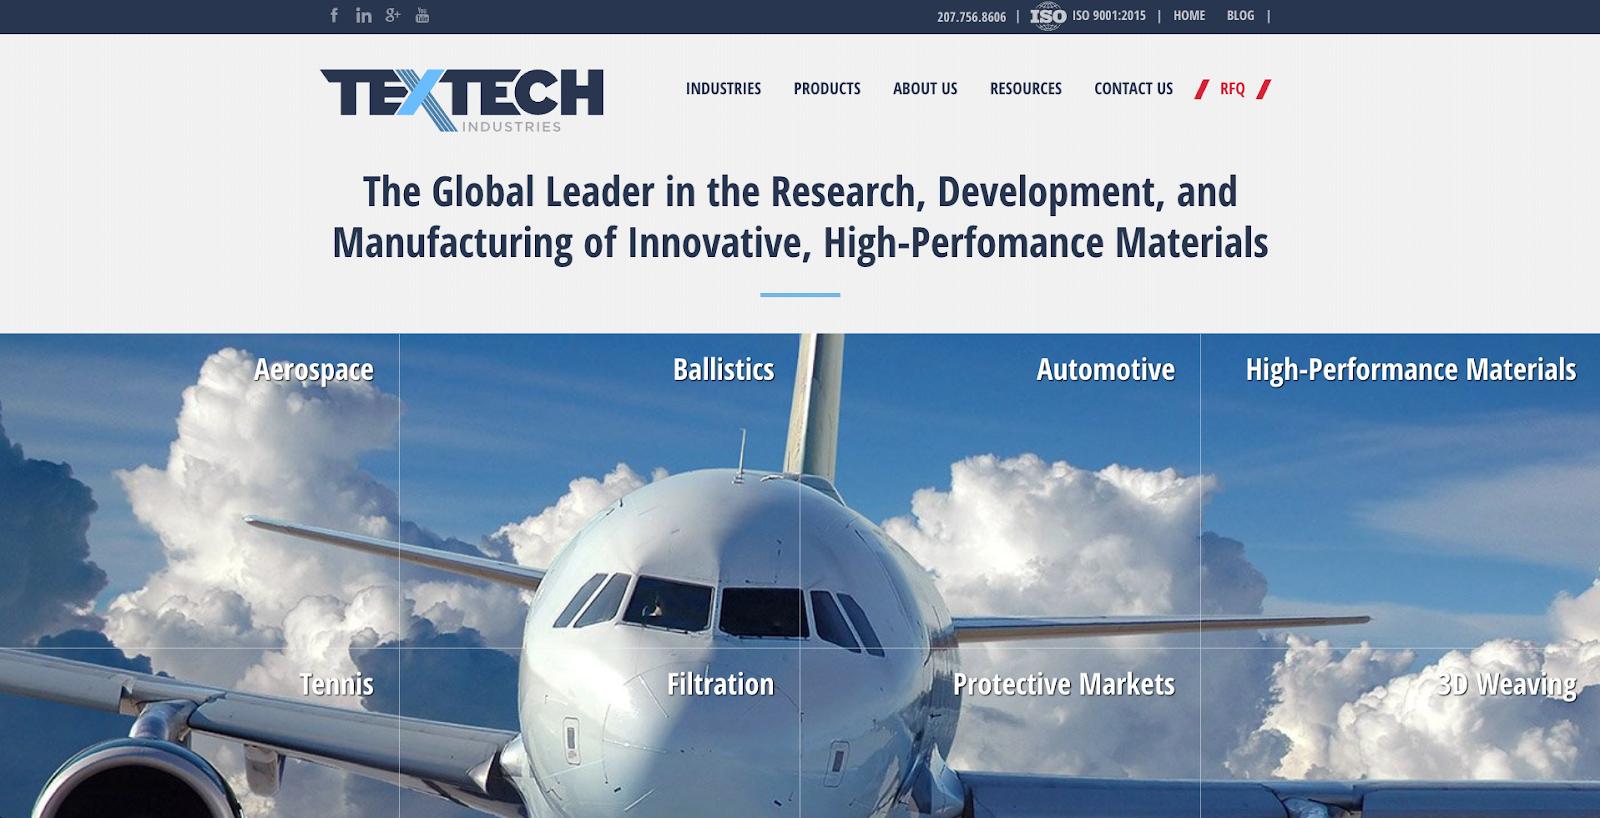 10 Best Industrial Website Design Examples